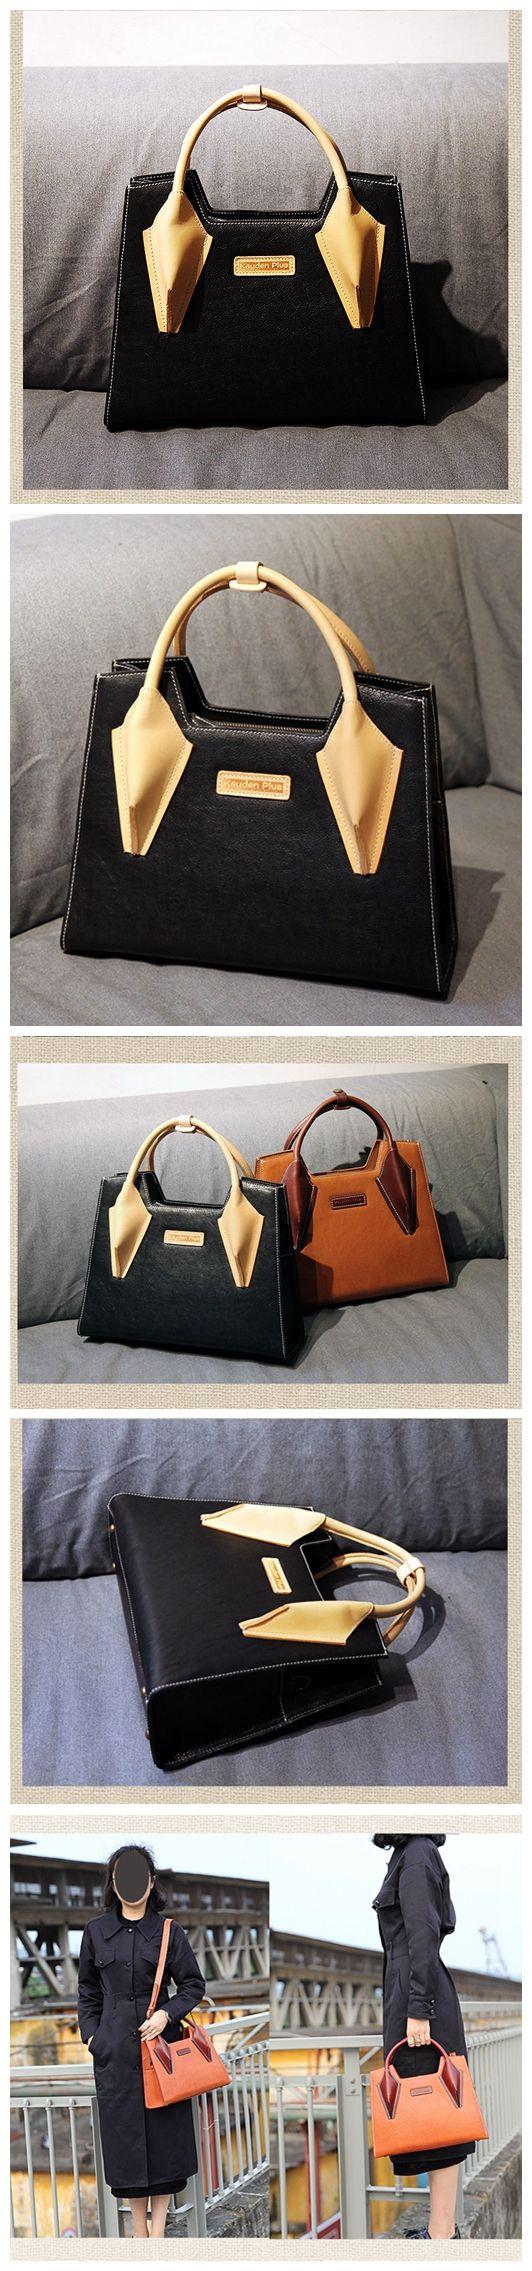 LISABAG--Handmade modern fashion leather tote bag messenger shoulder bag handbag for women lady AK02